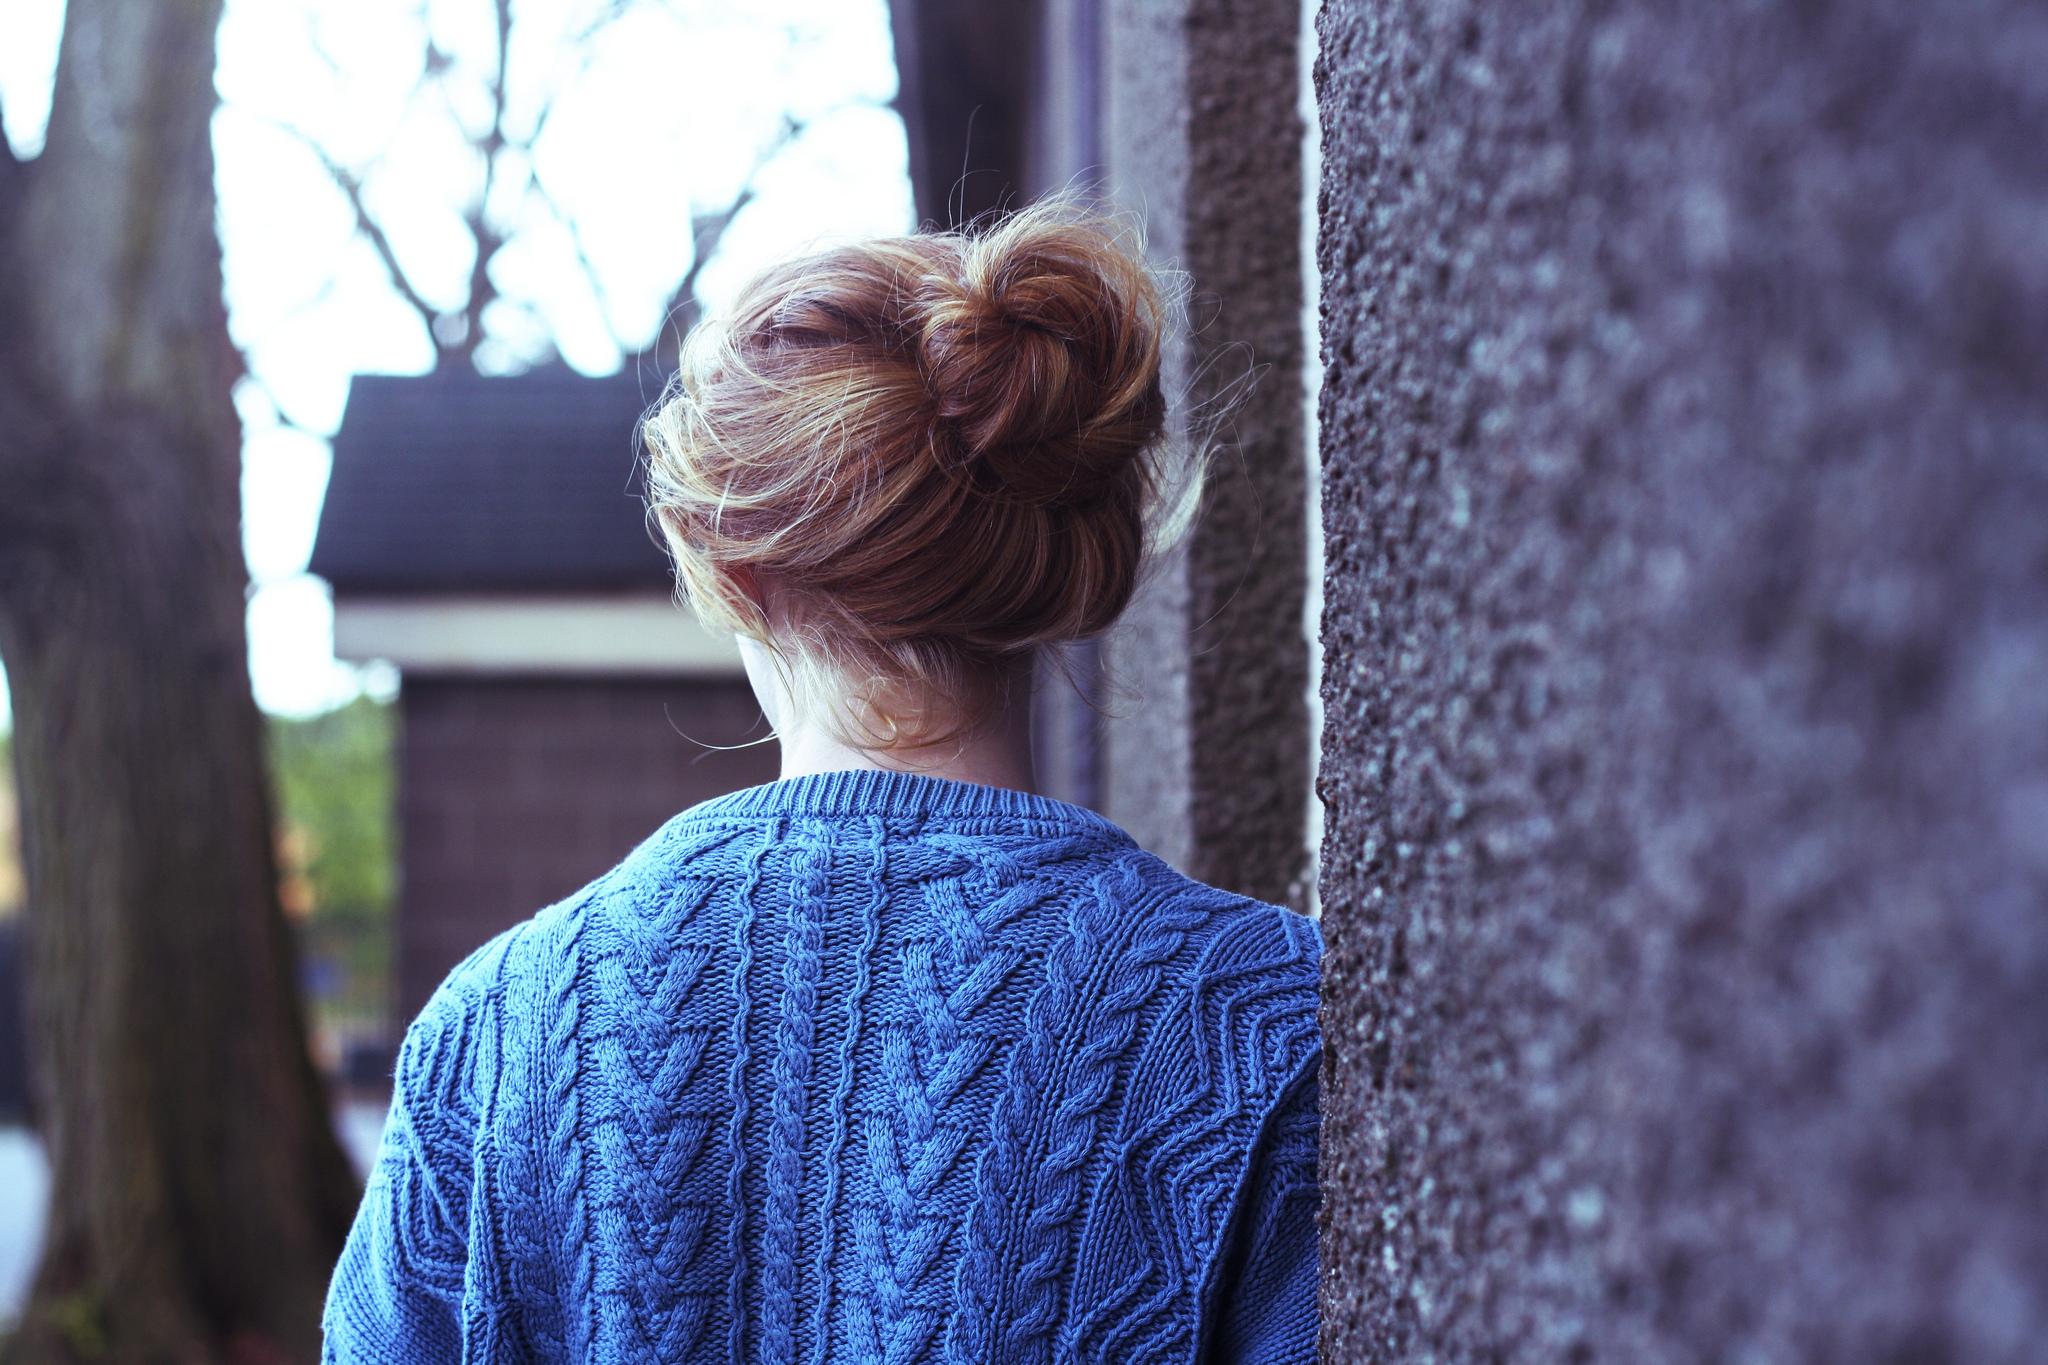 Фото девушки с короткими волосами зимой со спины на аву